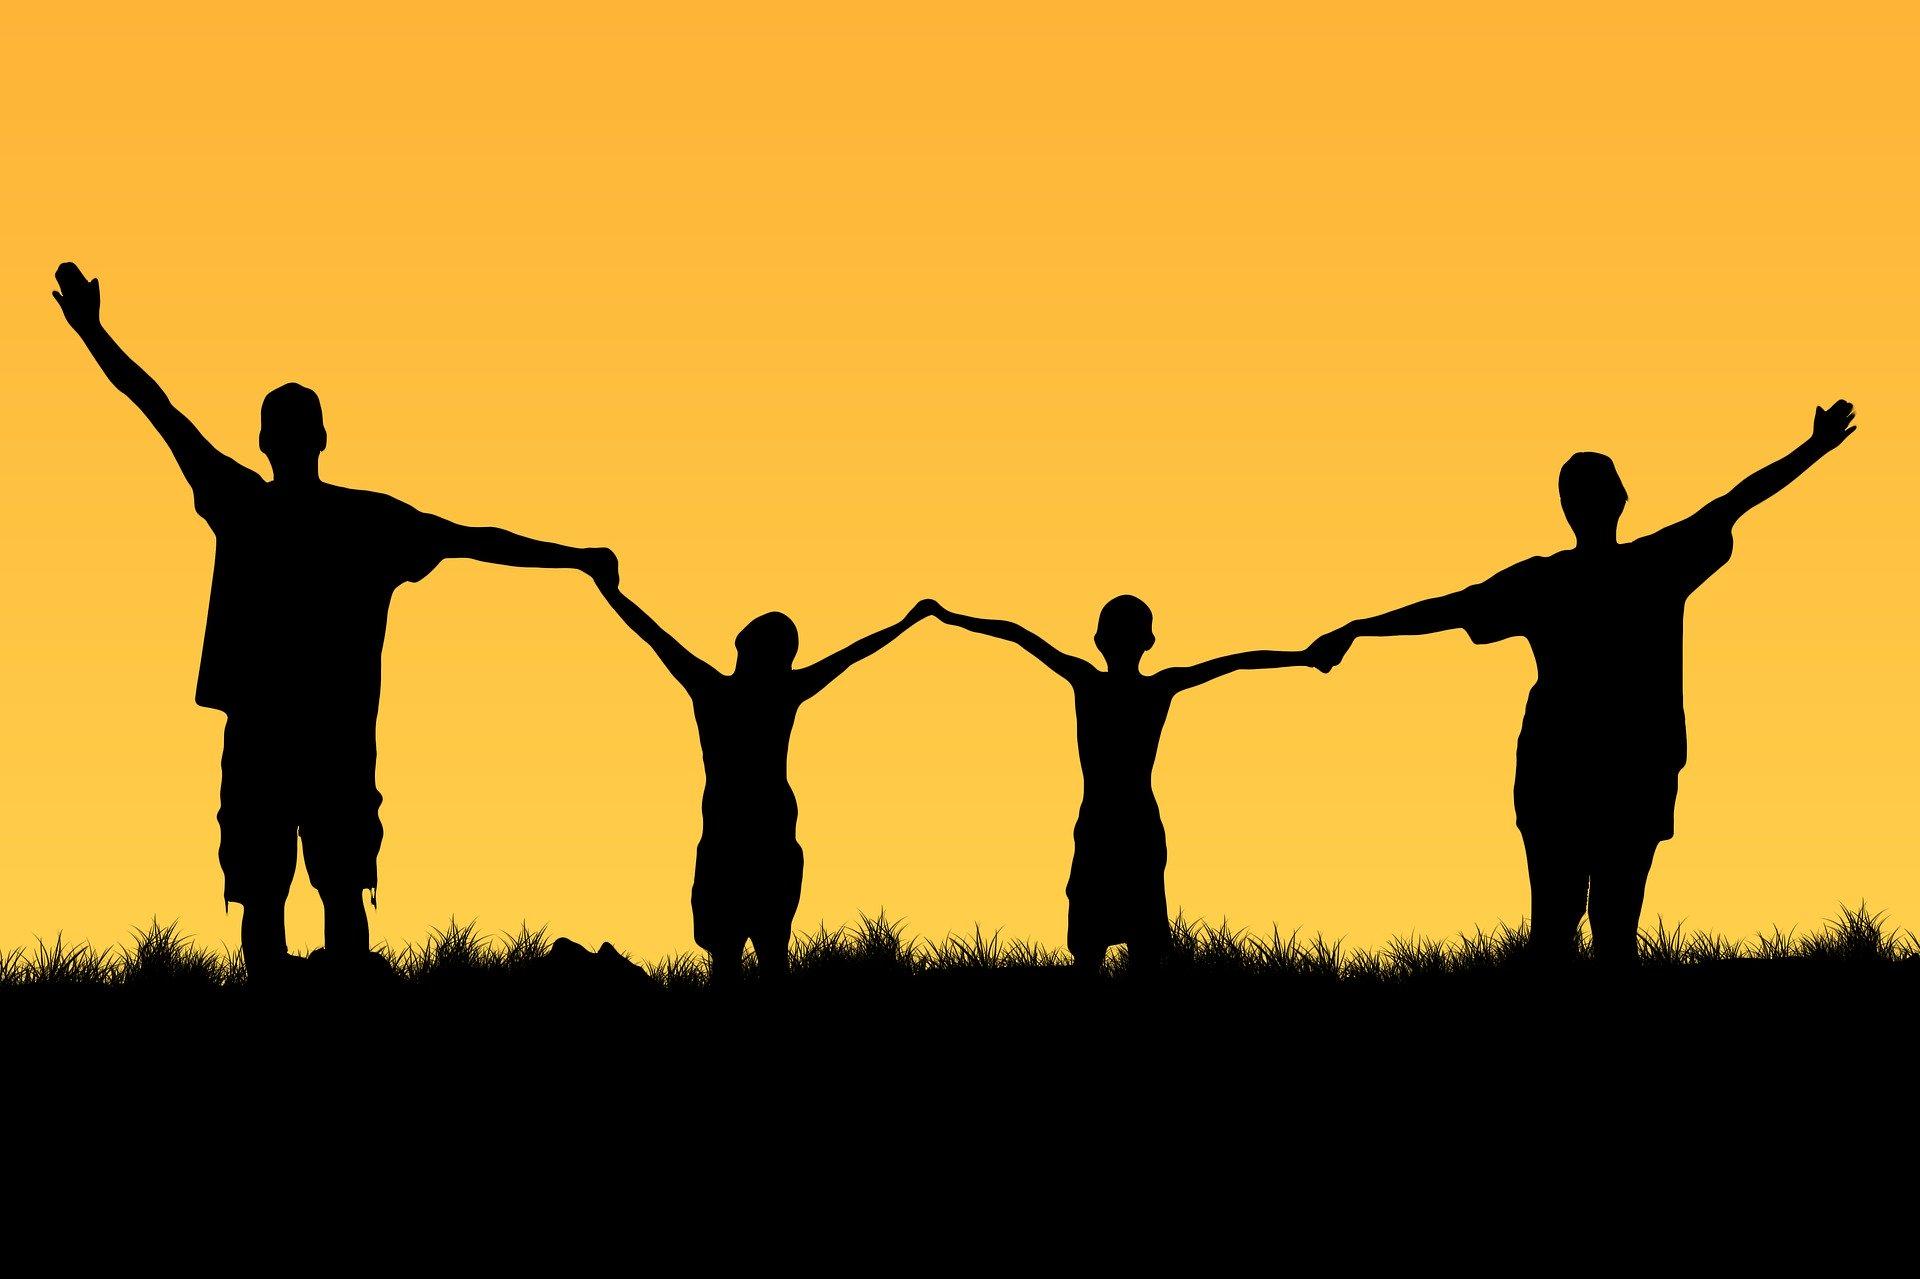 FÜR DICH UND DEINE FAMILIE